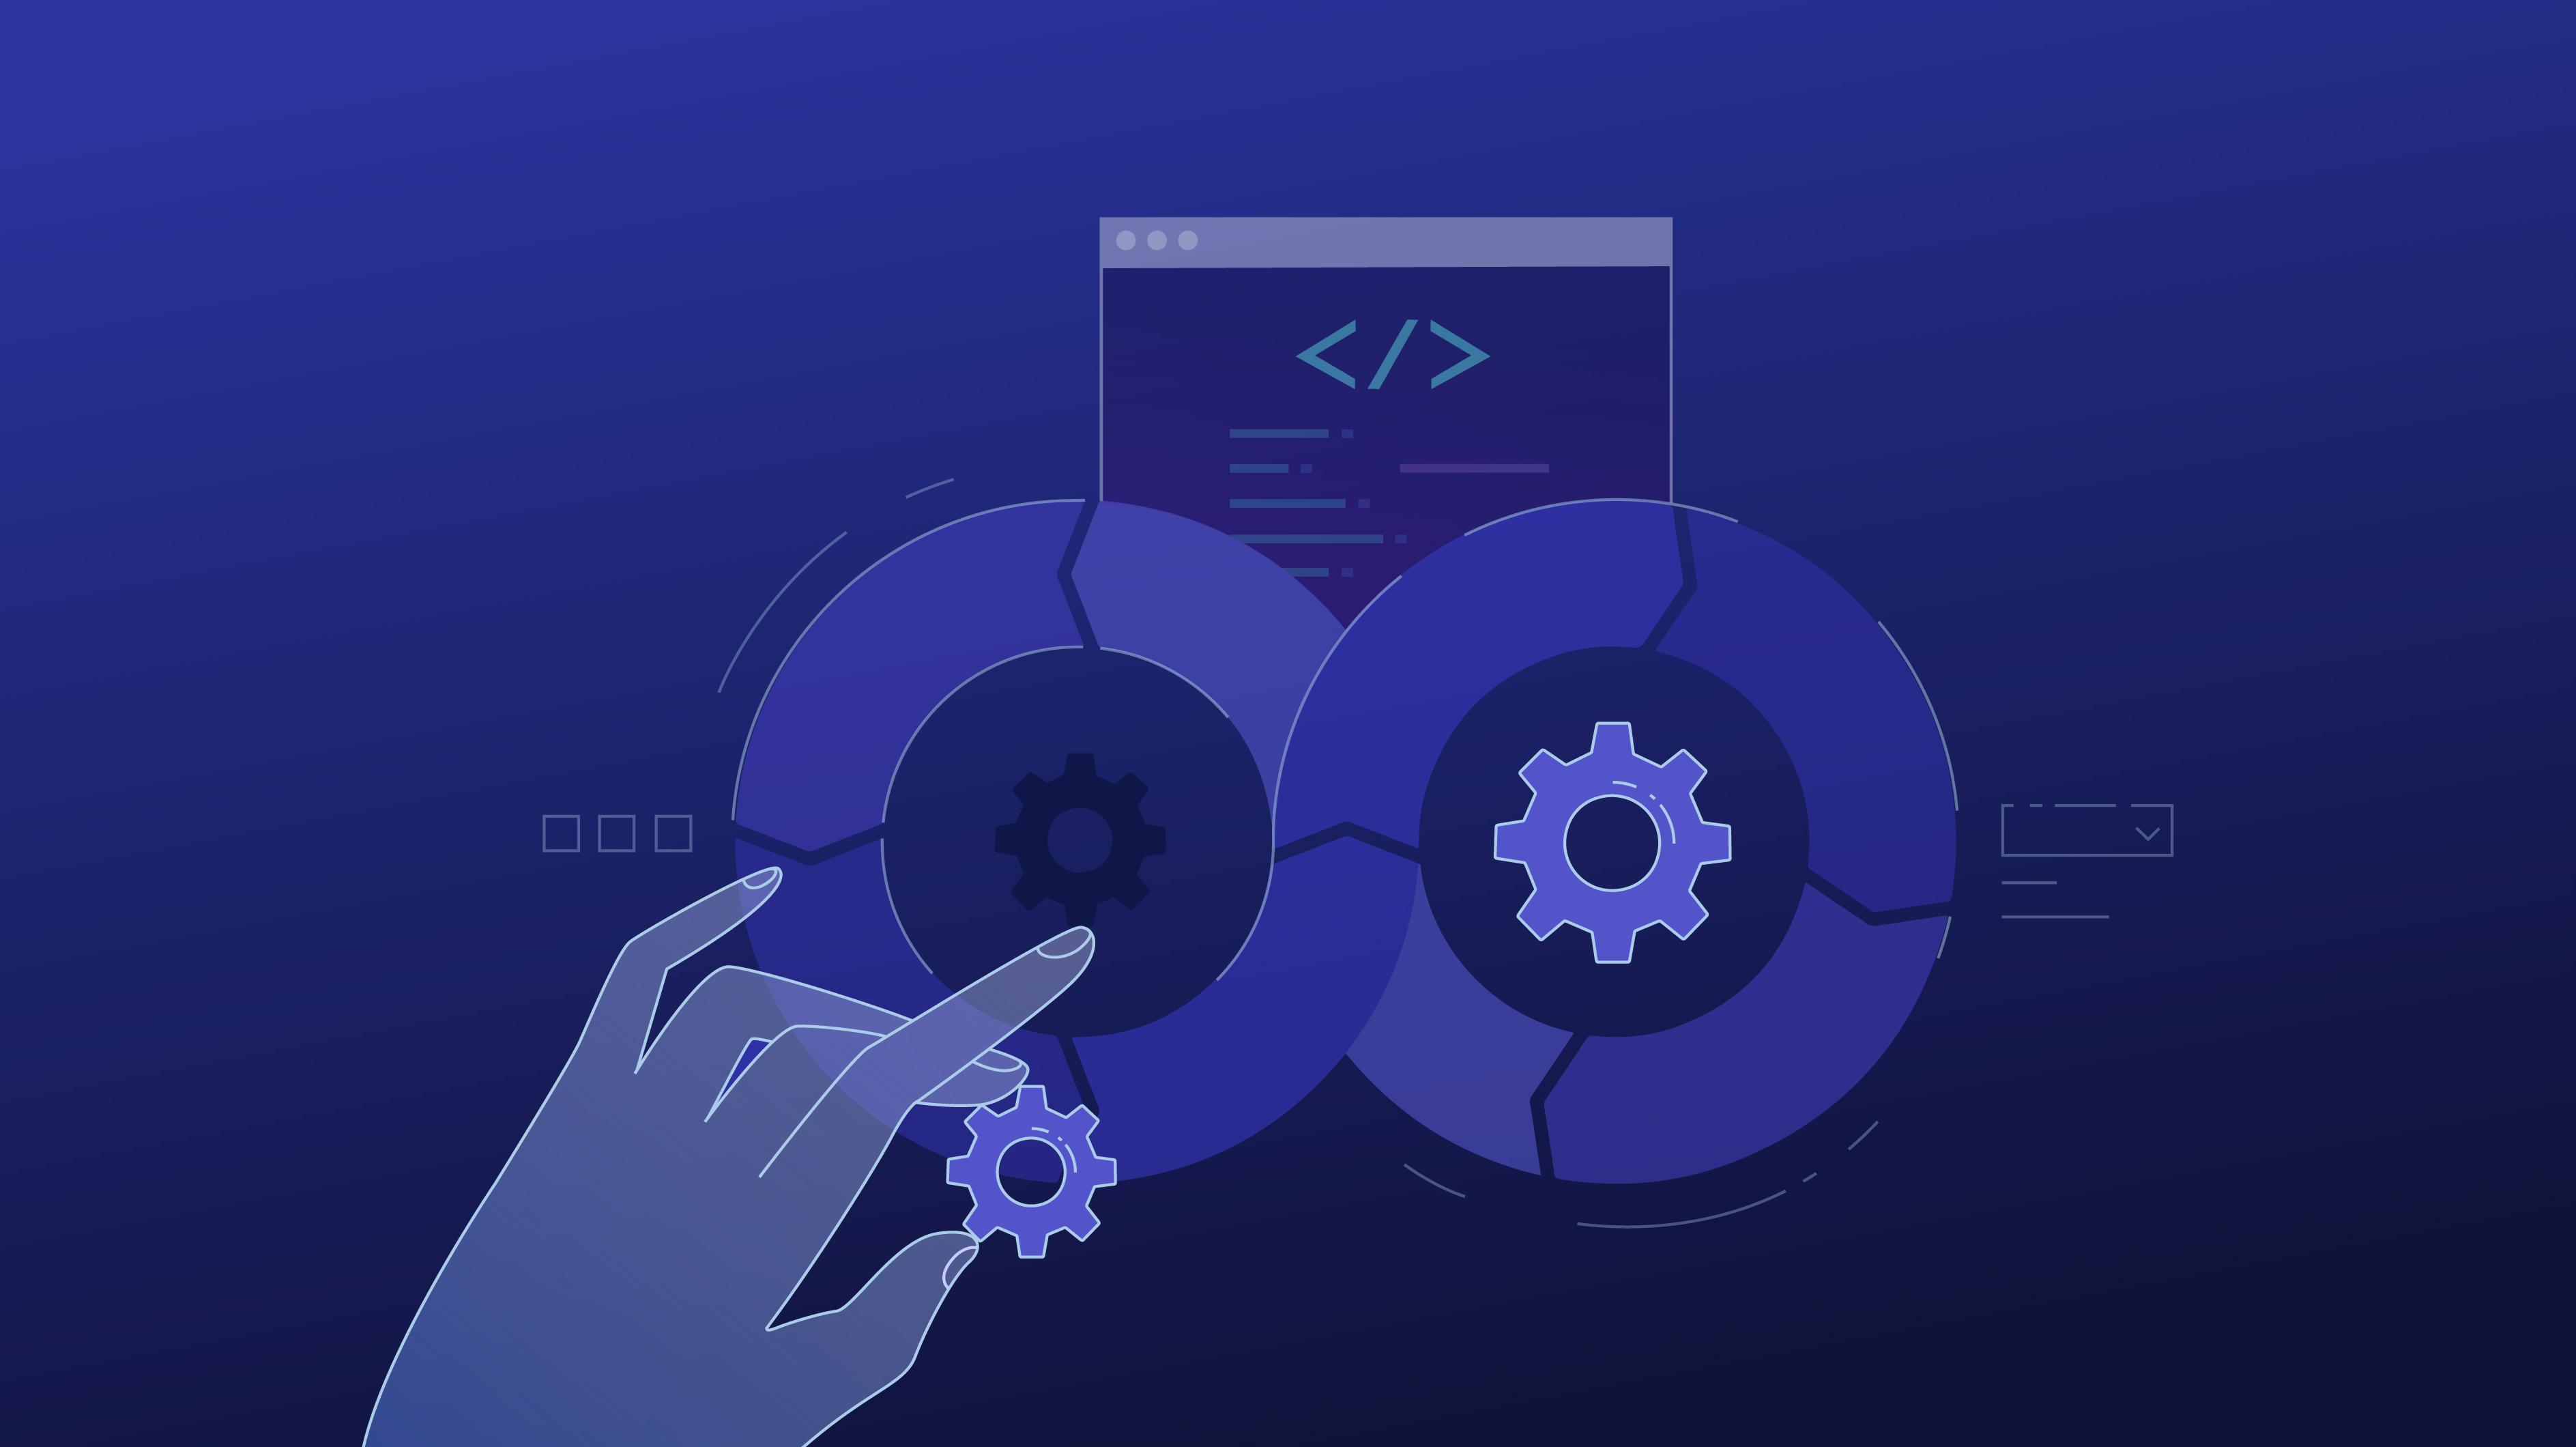 پرکاربردترین ابزارهای DevOps – قسمت اول: ابزارهای توسعه و ساخت